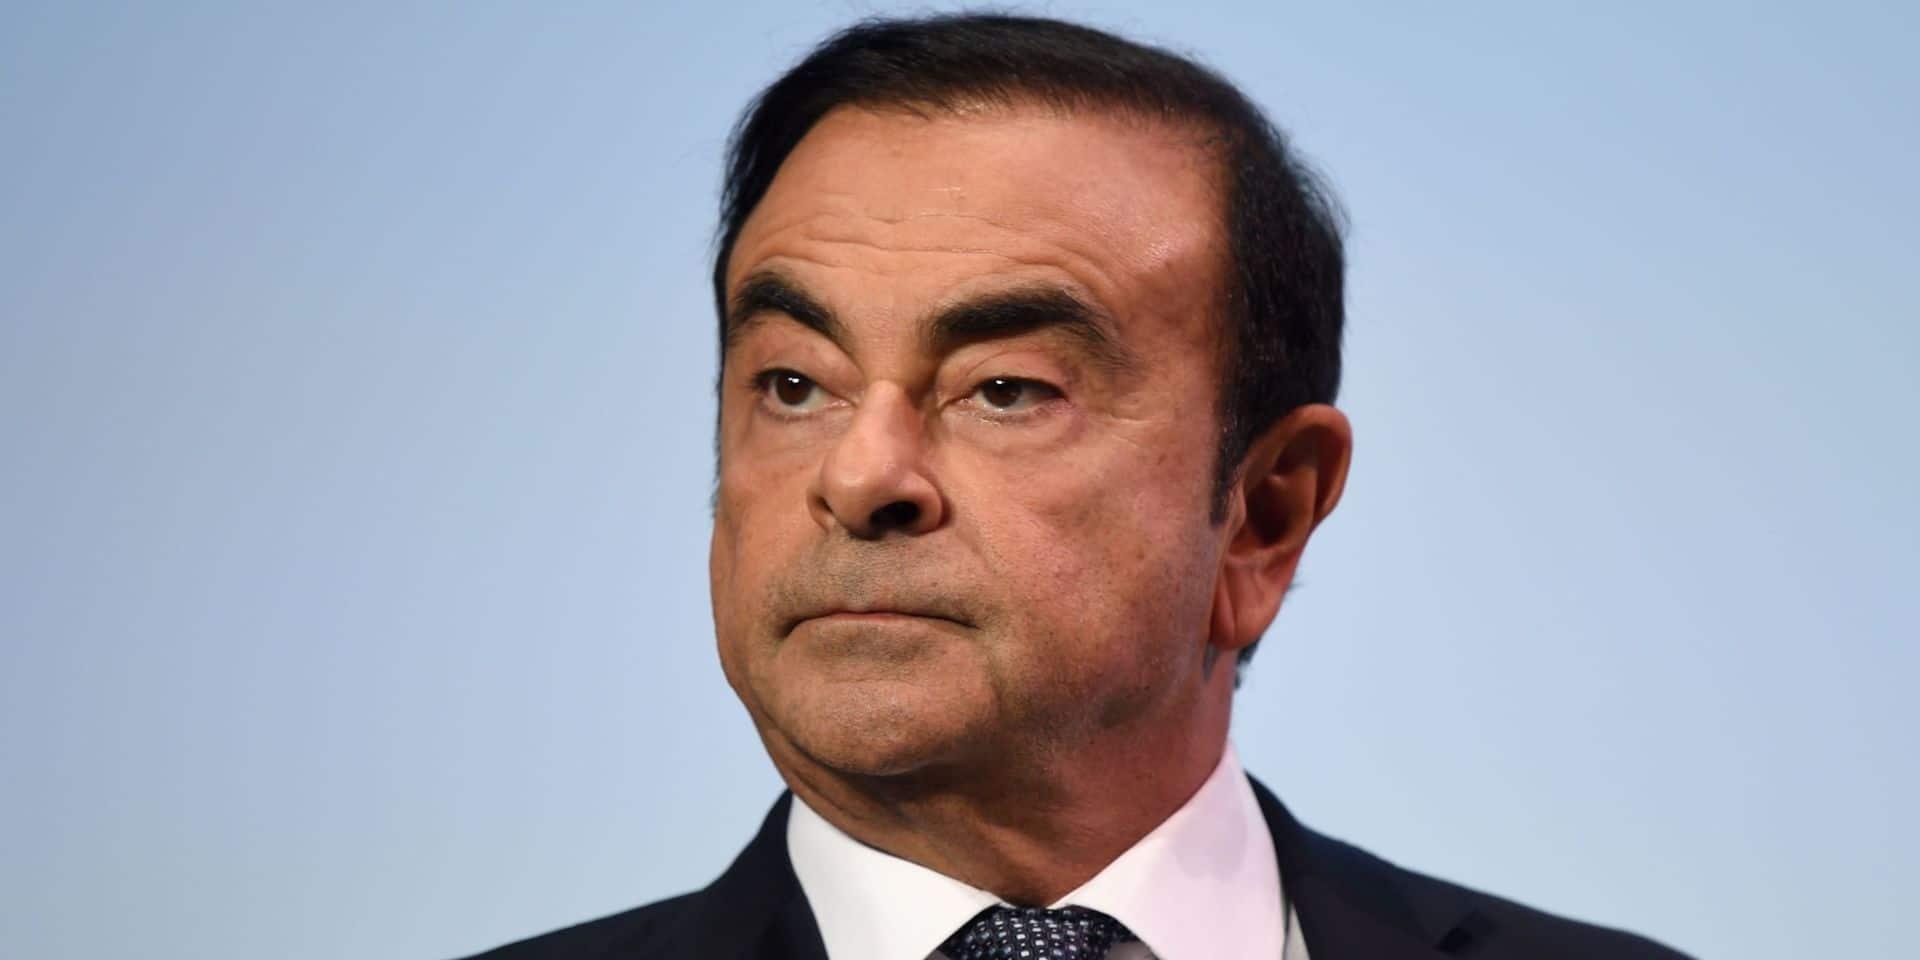 Le fisc français frappe Carlos Ghosn au porte-monnaie: un déménagement qui risque de lui coûter (très) cher